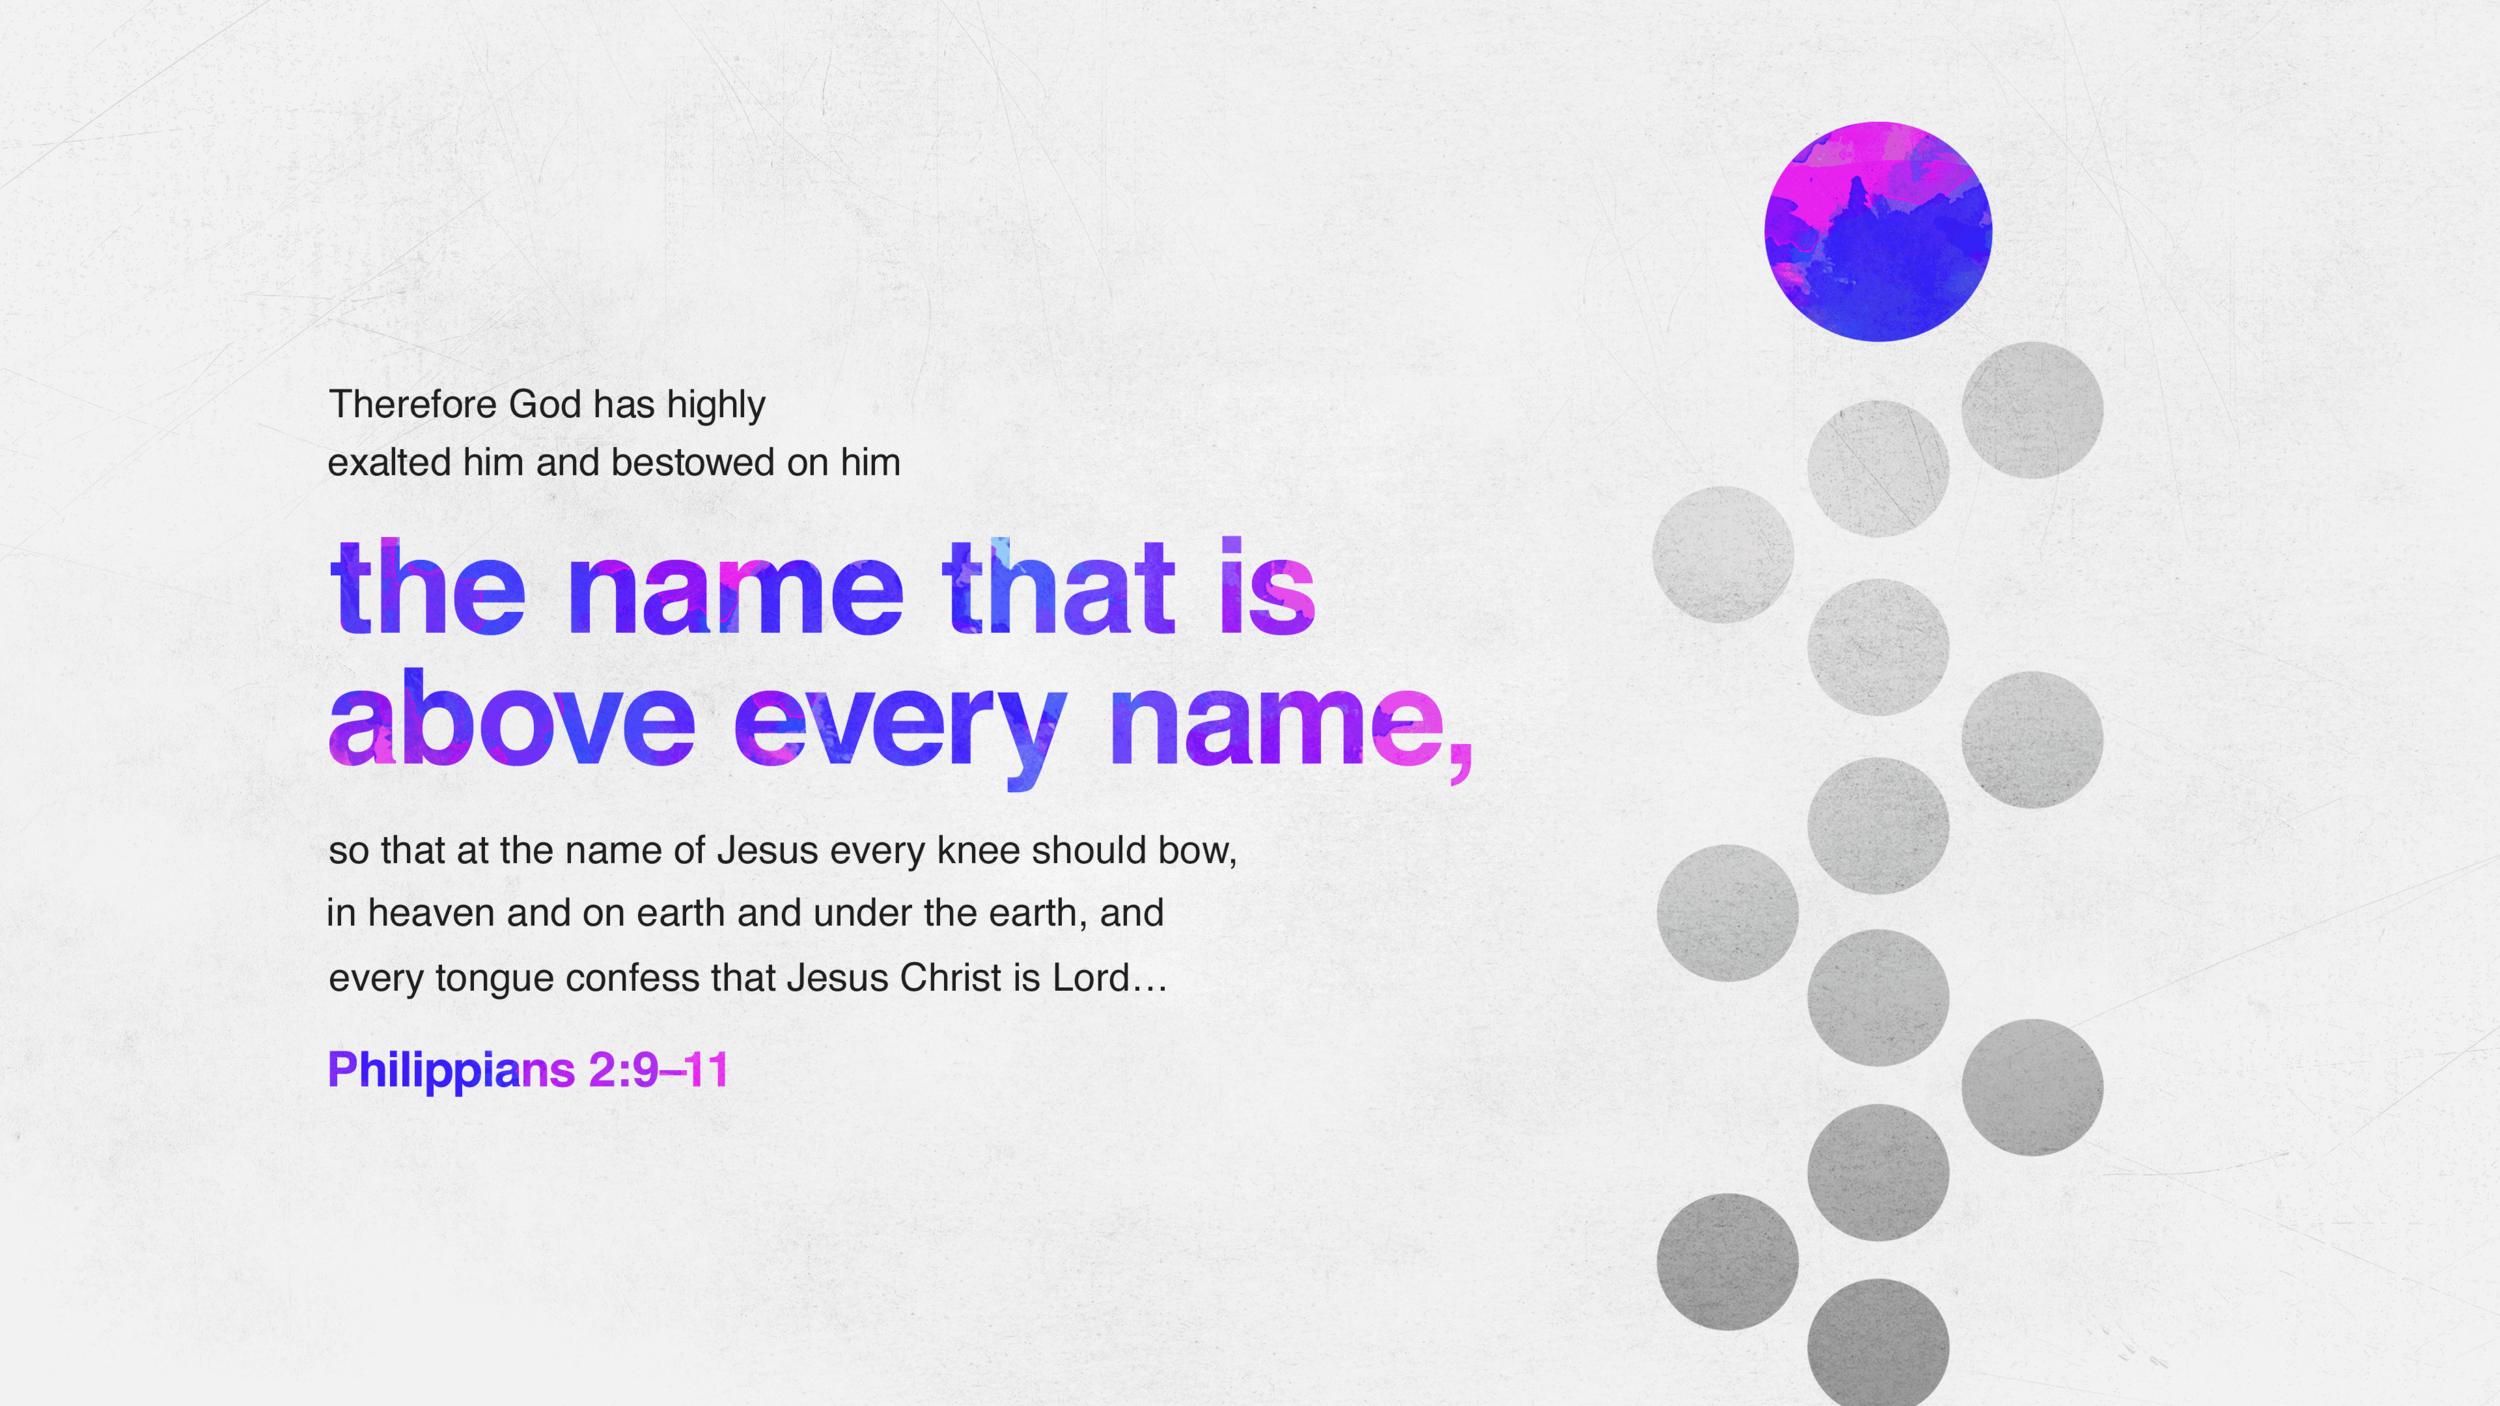 Philippians_2_9-11-3840x2160.png